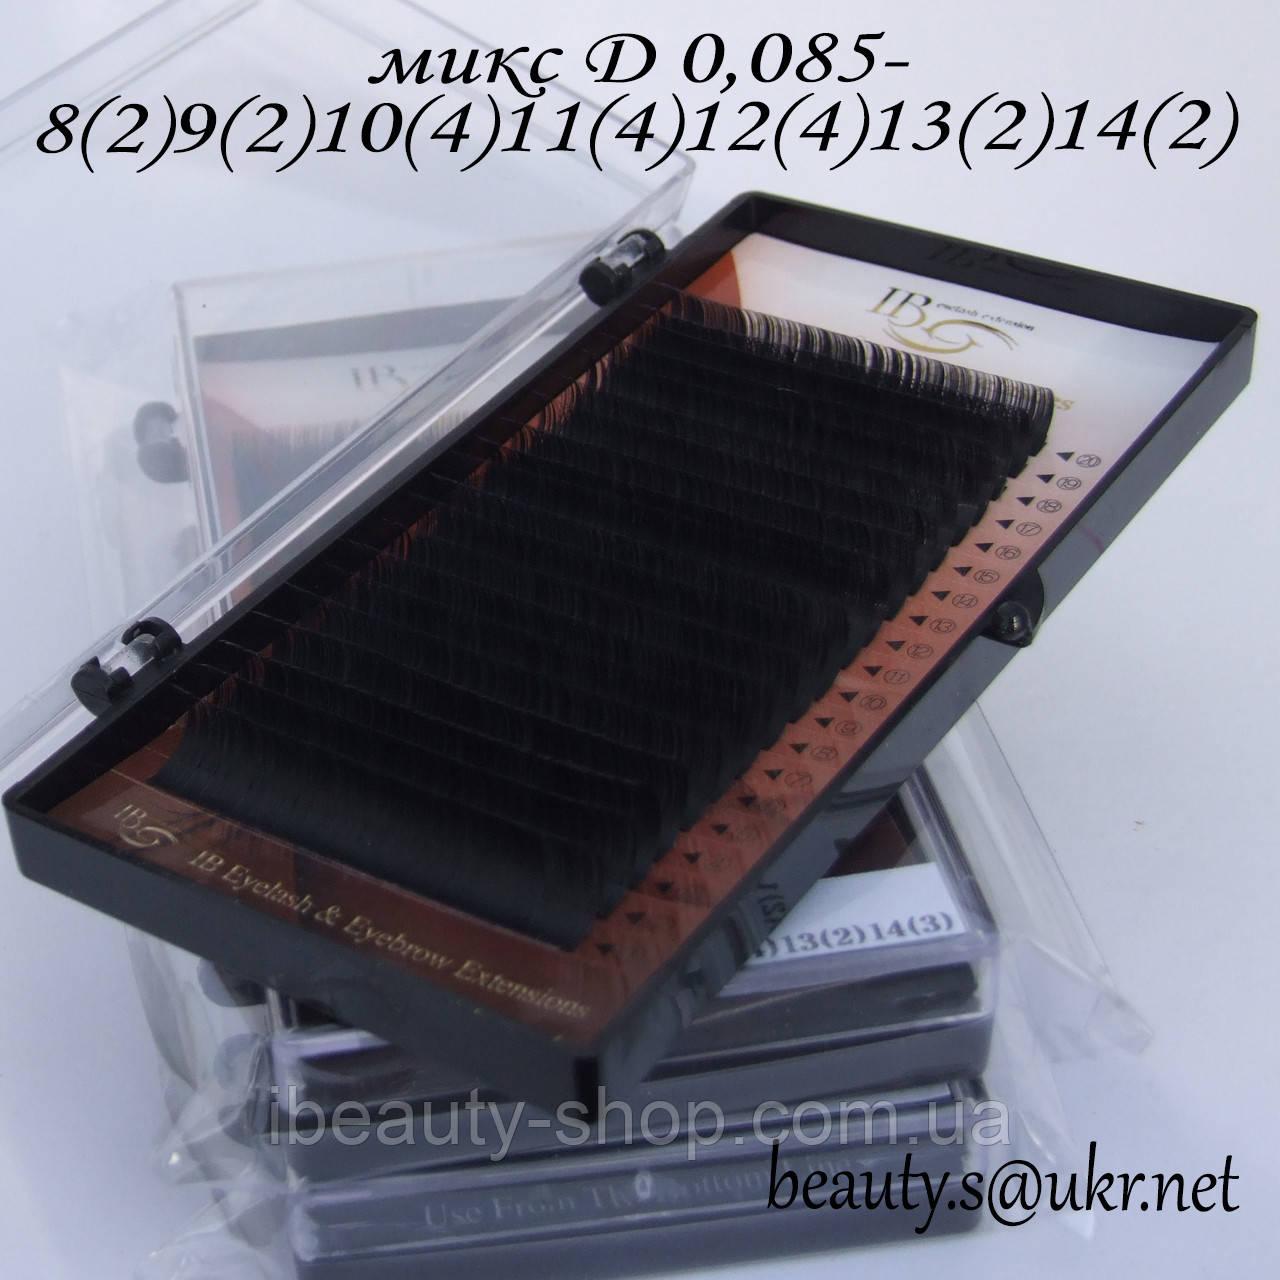 Ресницы I-Beauty микс D-0,085 8-14мм